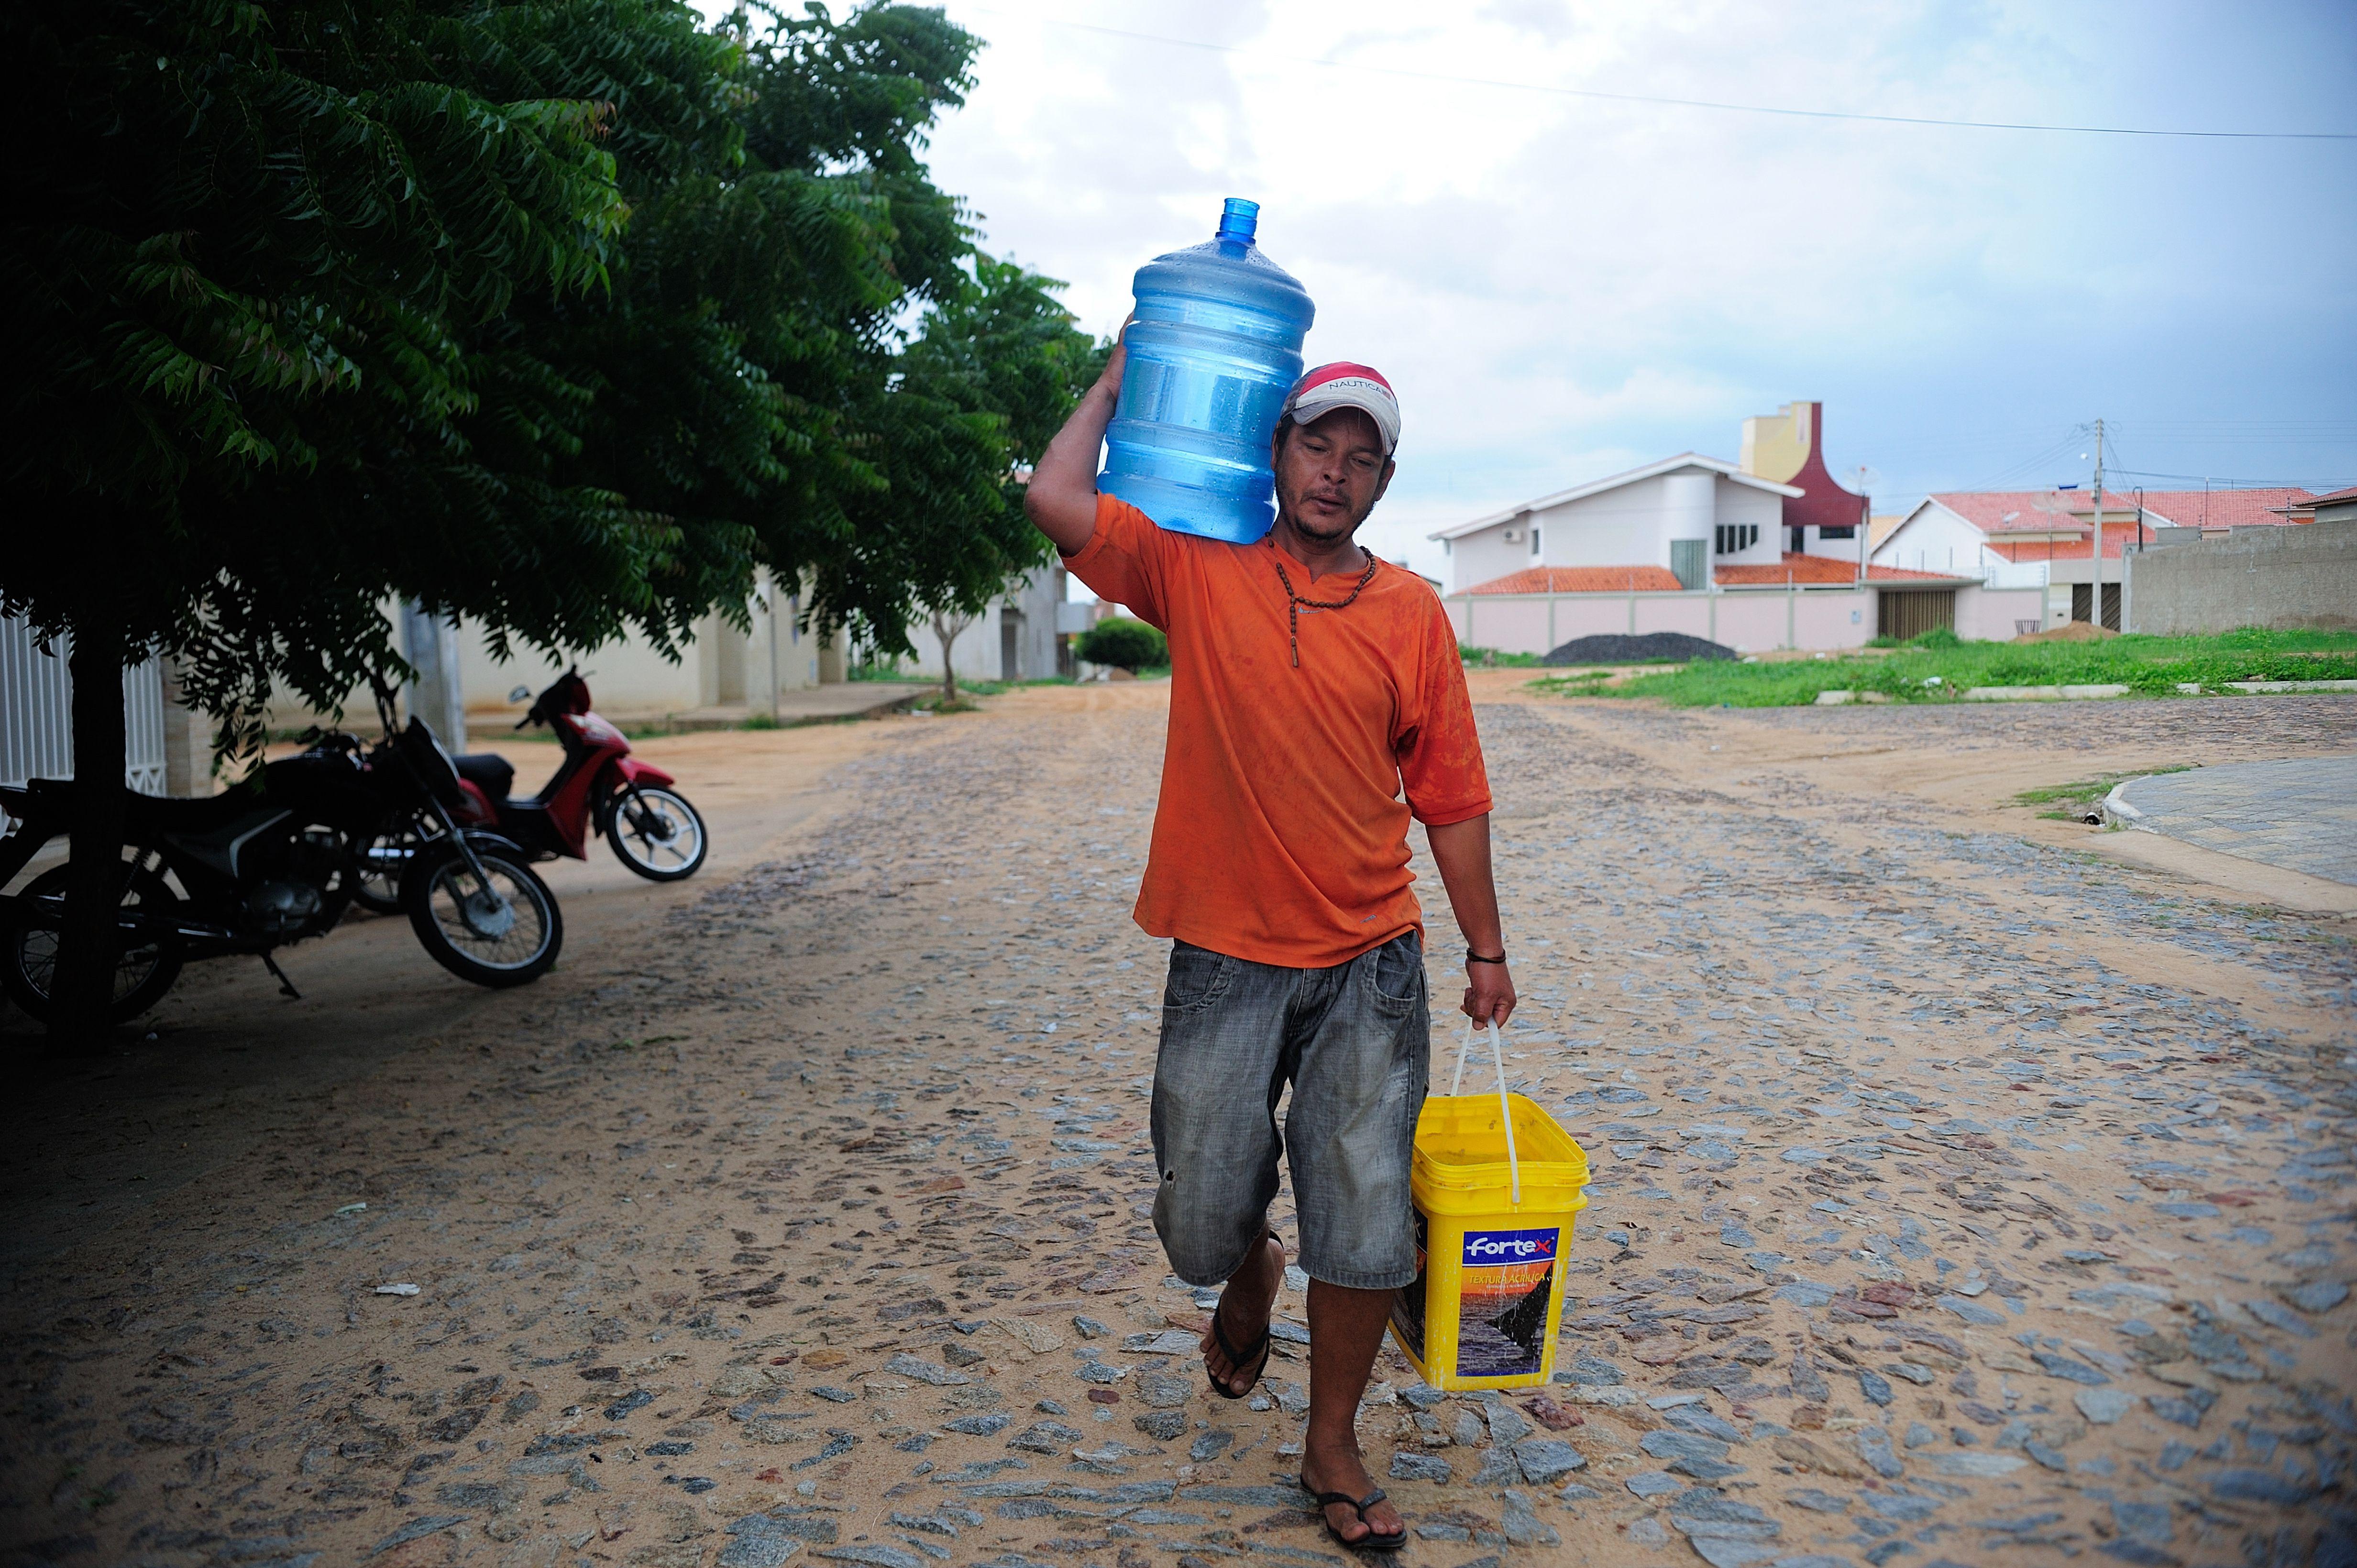 Meio Ambiente - Seca - crise hídrica falta de água